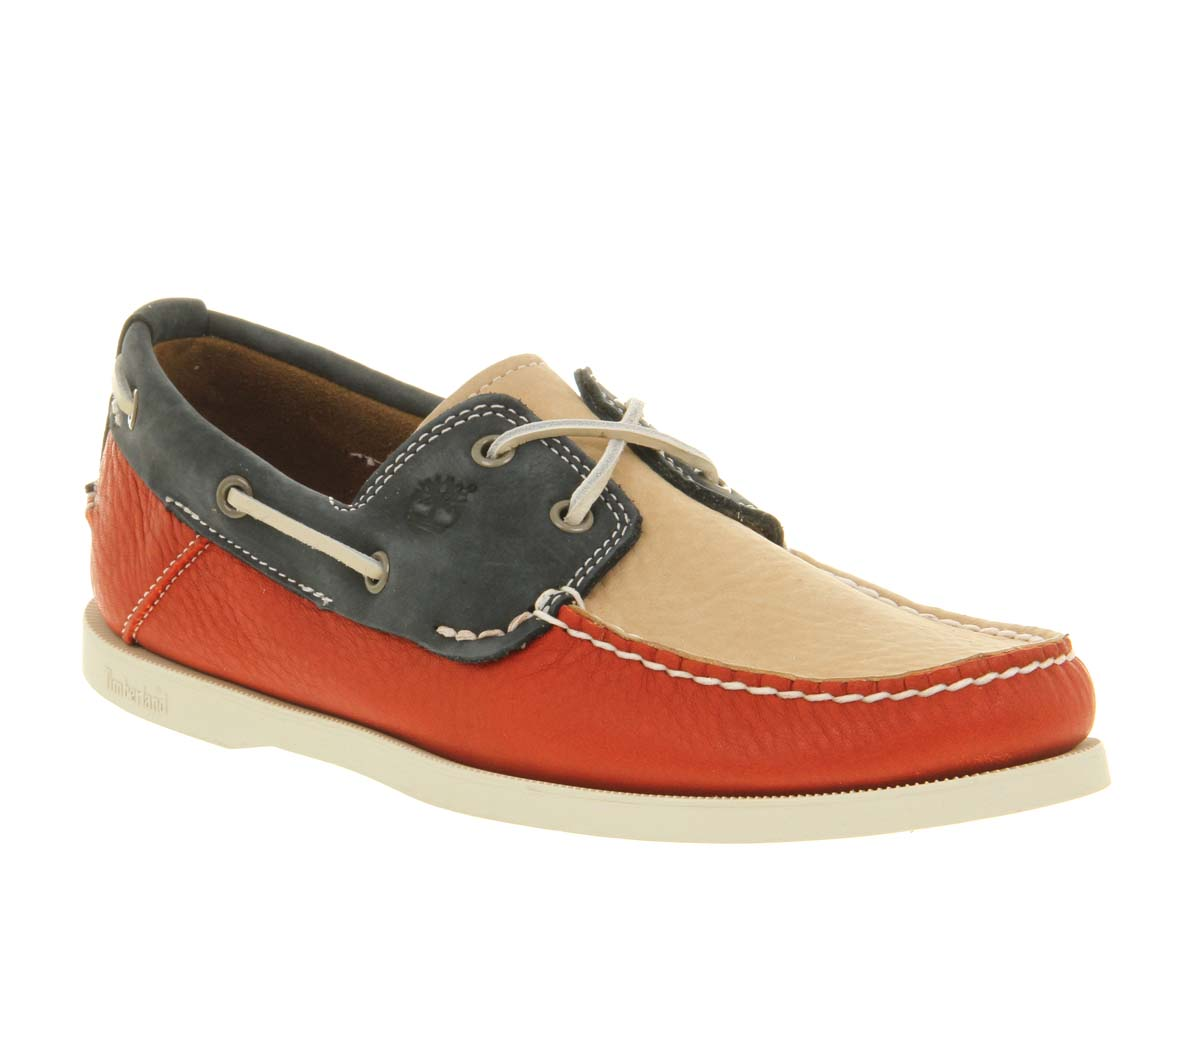 timberland shoes uk ebay